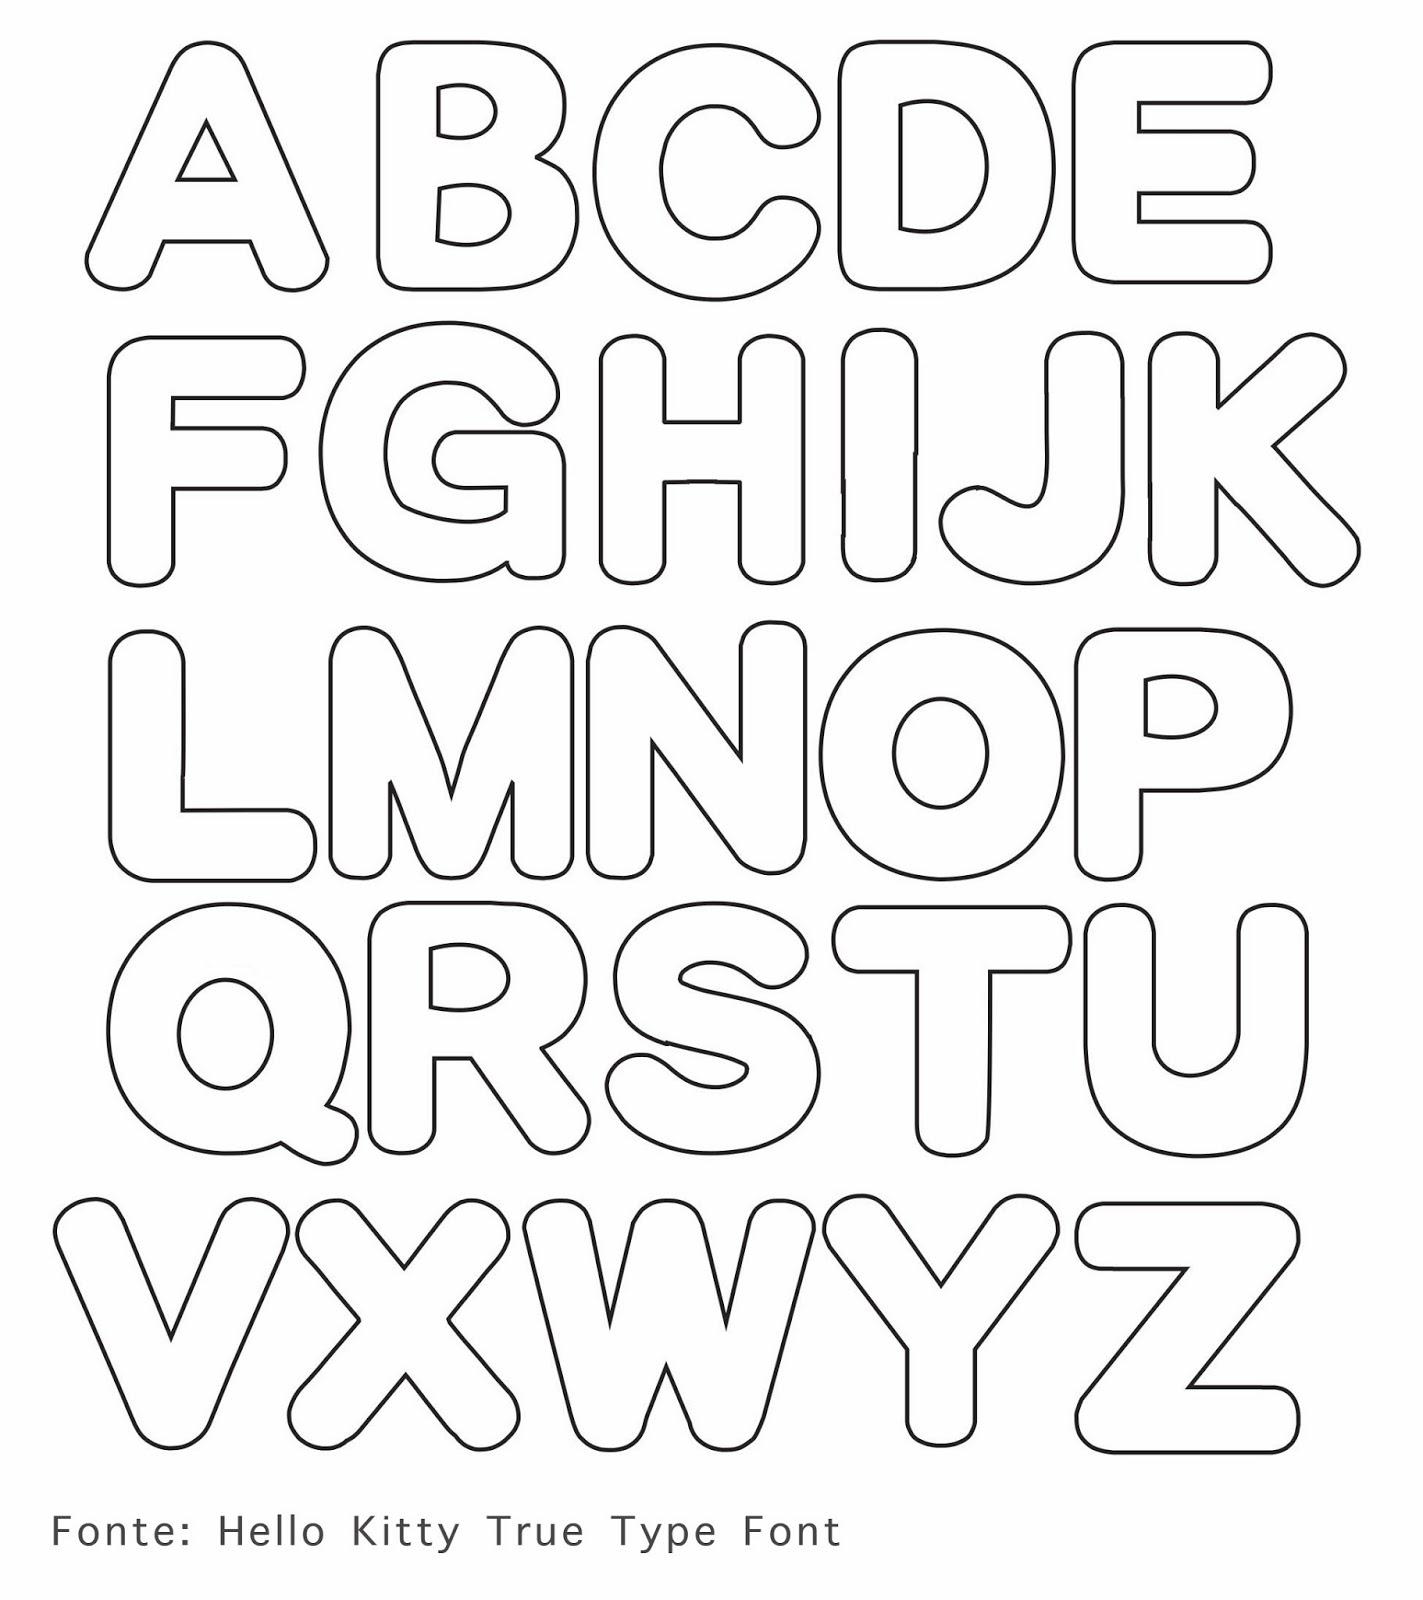 Excepcional Como Fazer Letras em Tecido com Moldes - Alfabeto para Imprimir GW46